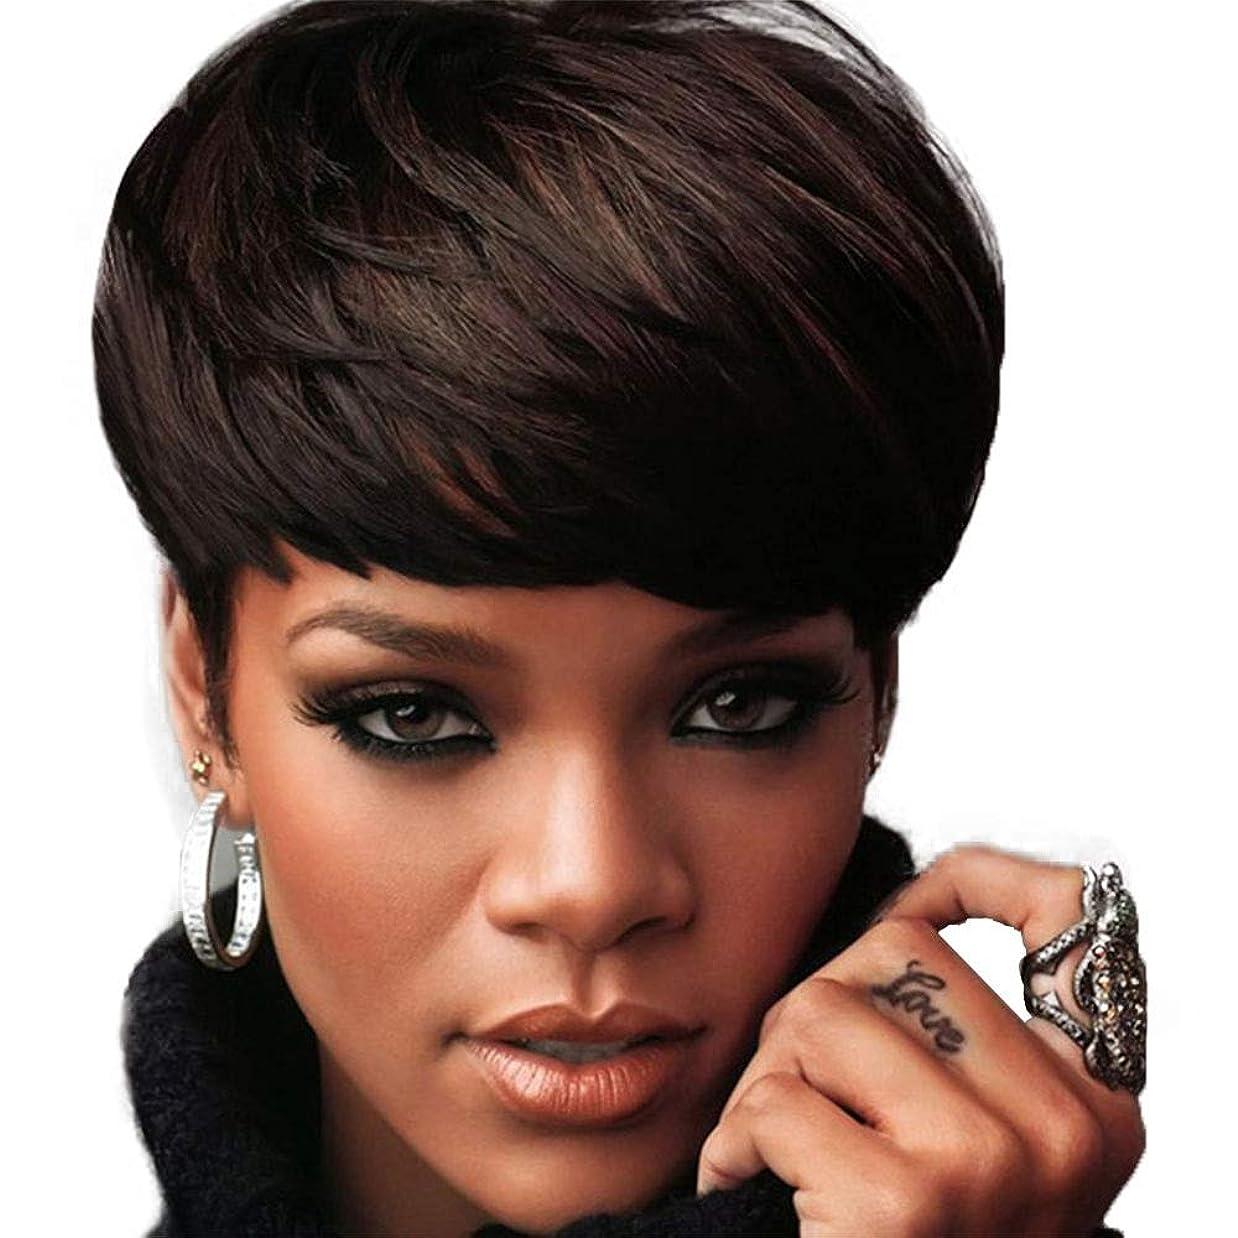 主観的むしろアナウンサーストレートブラジルバージン人毛ショートウィッグダークブラウン23 cmのための女性の短い人毛ウィッグ